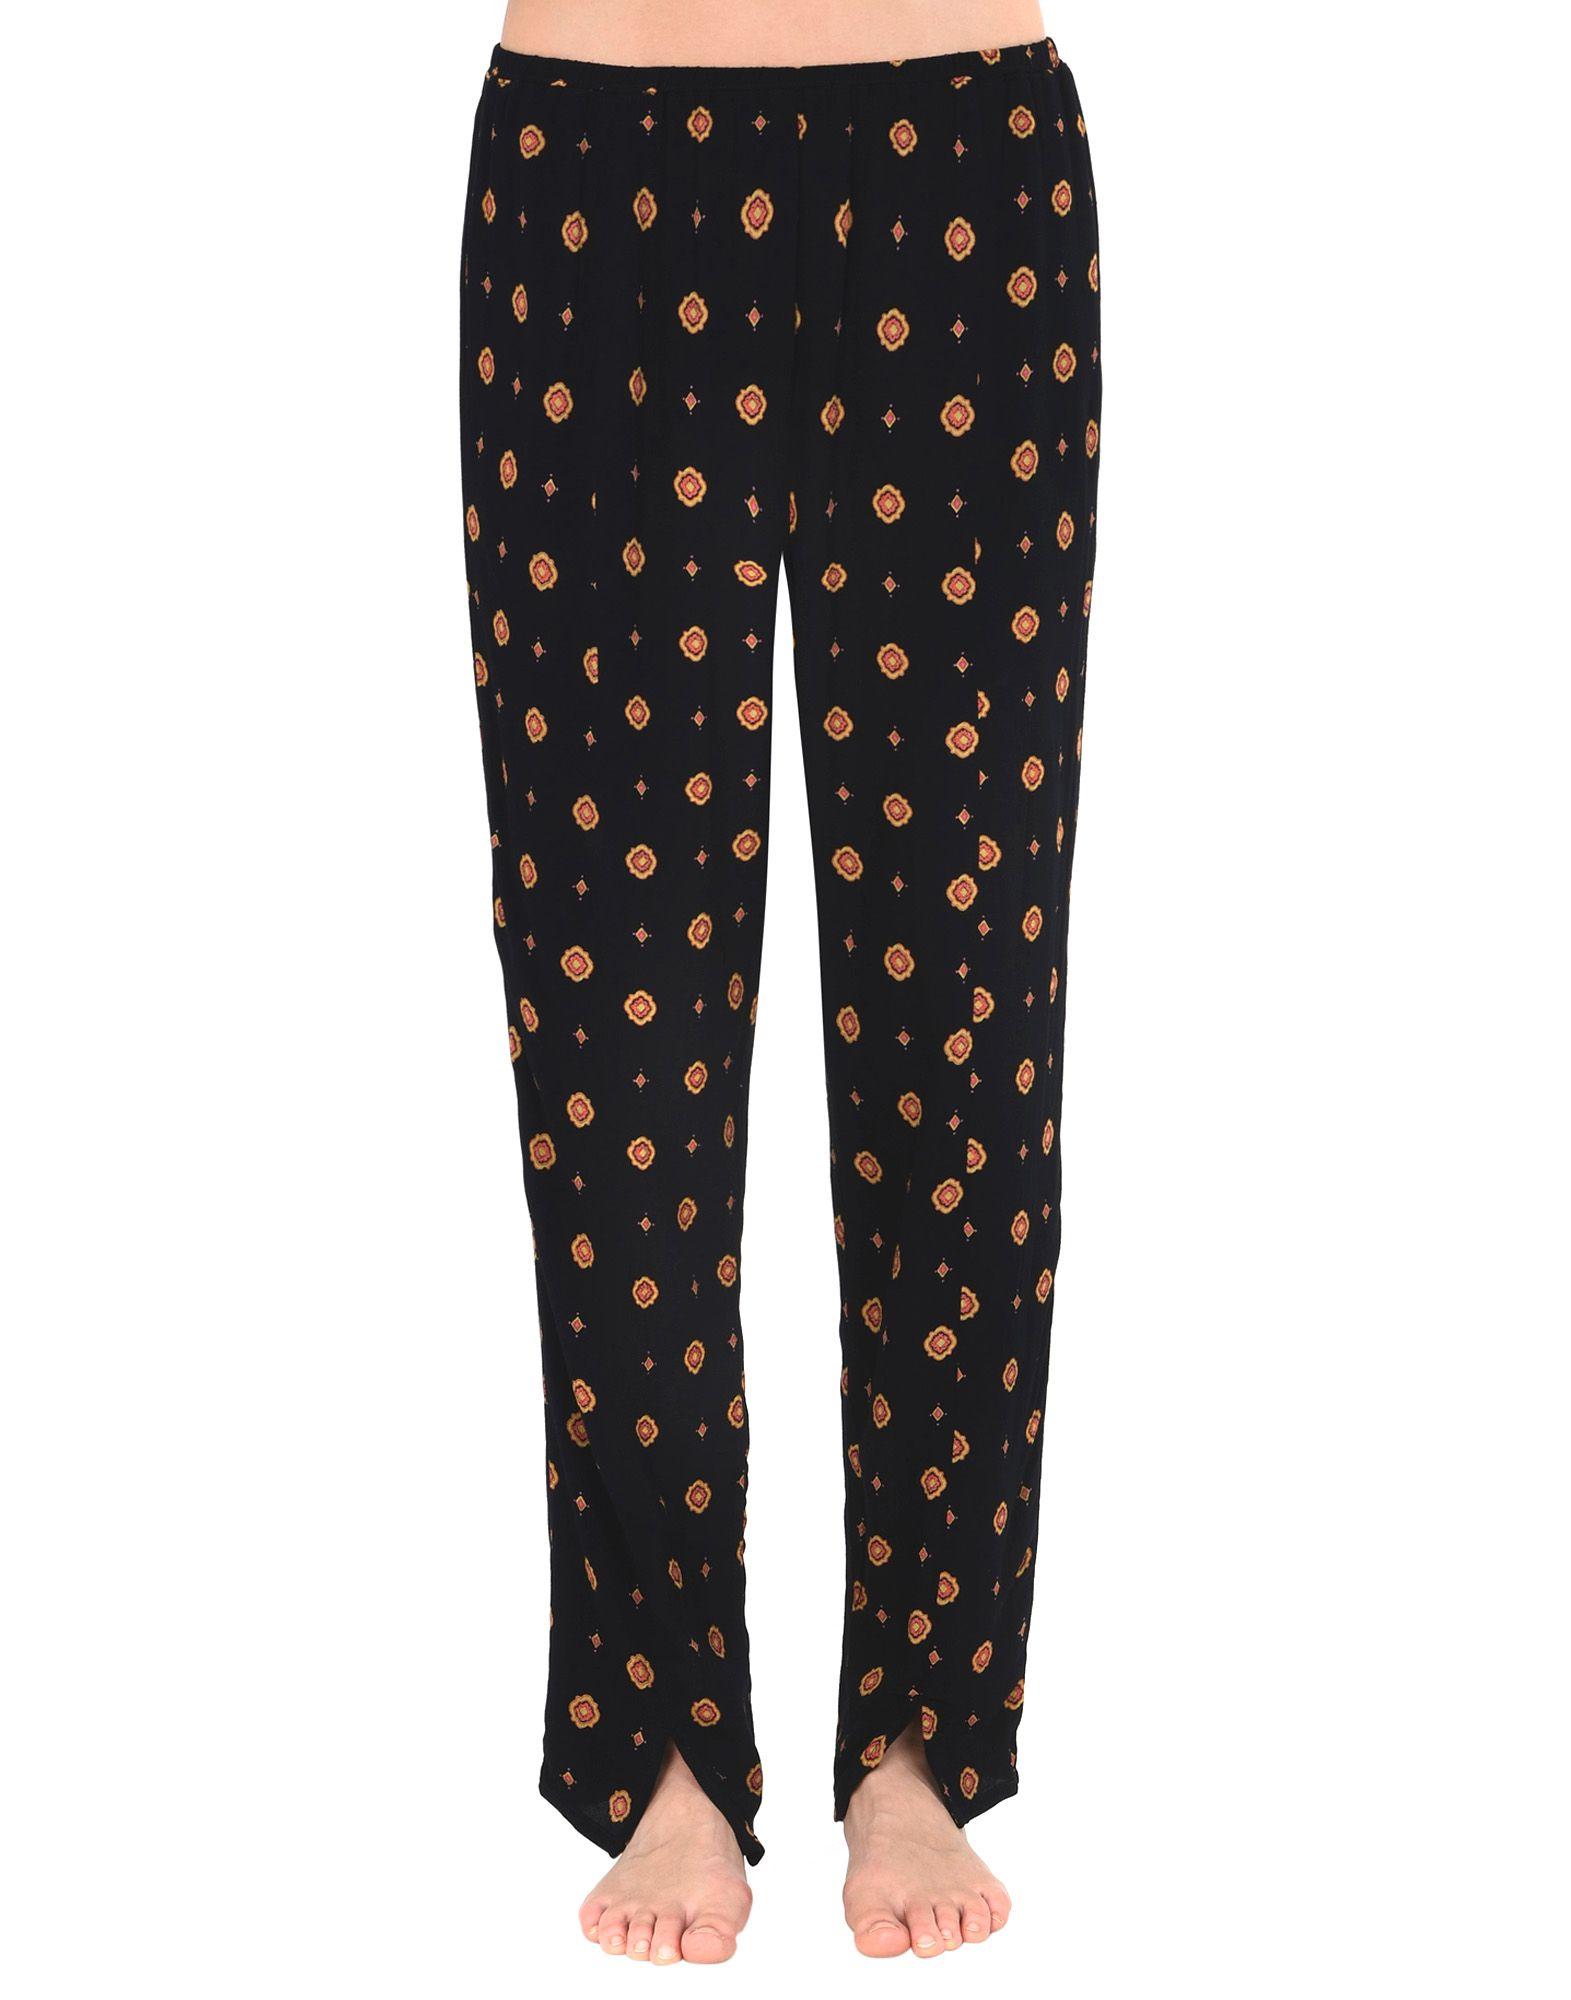 《送料無料》FREE PEOPLE レディース パジャマ ブラック XS レーヨン 100%